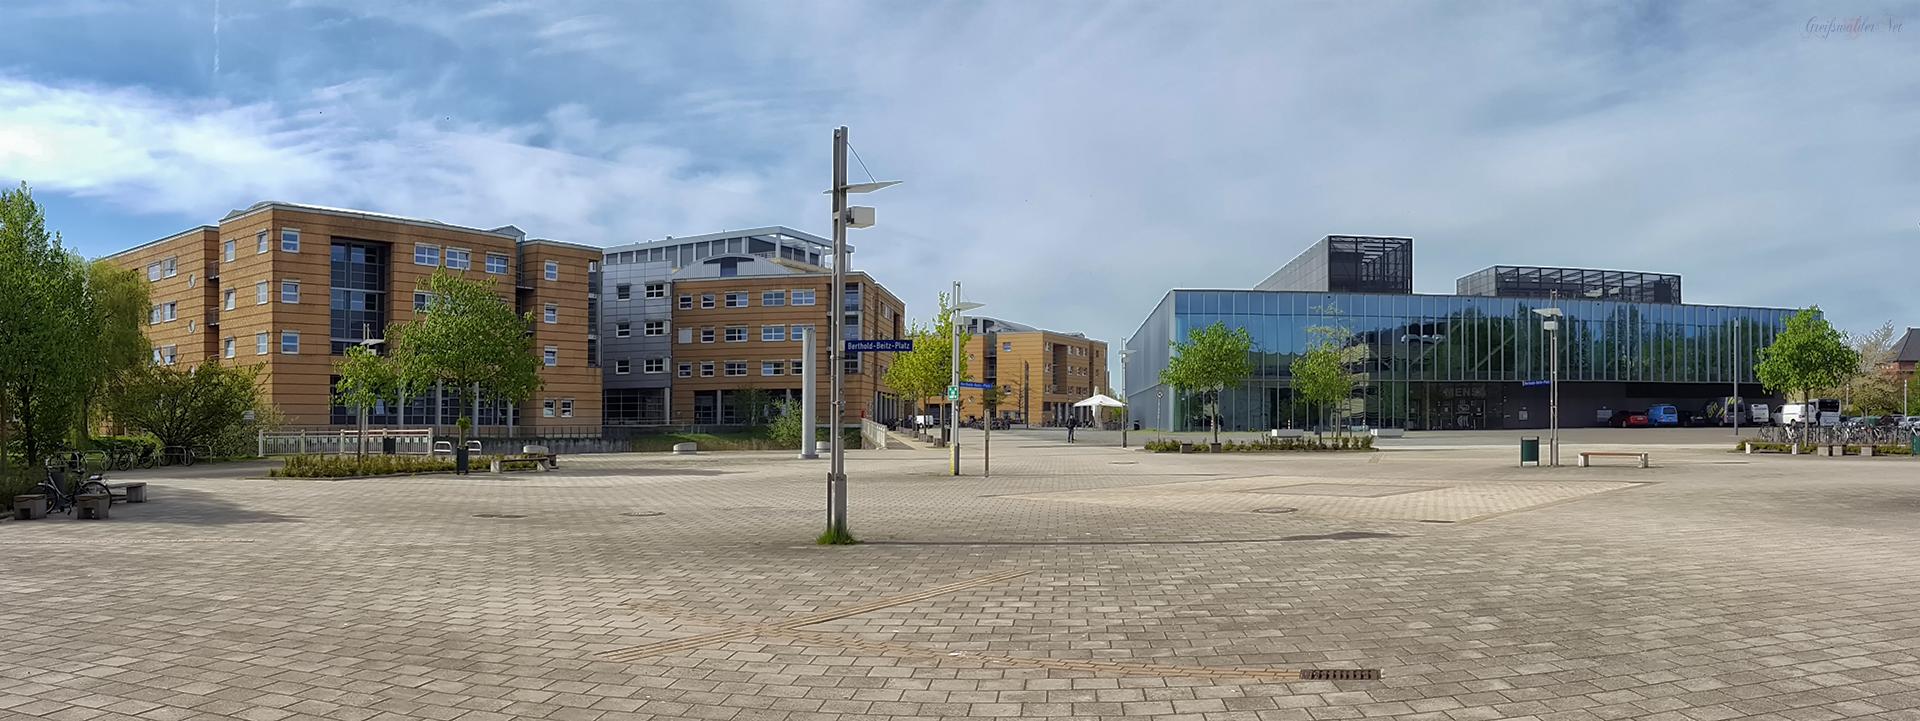 Berthold-Beitz-Platz, Greifswald - Klinikum und Mensa